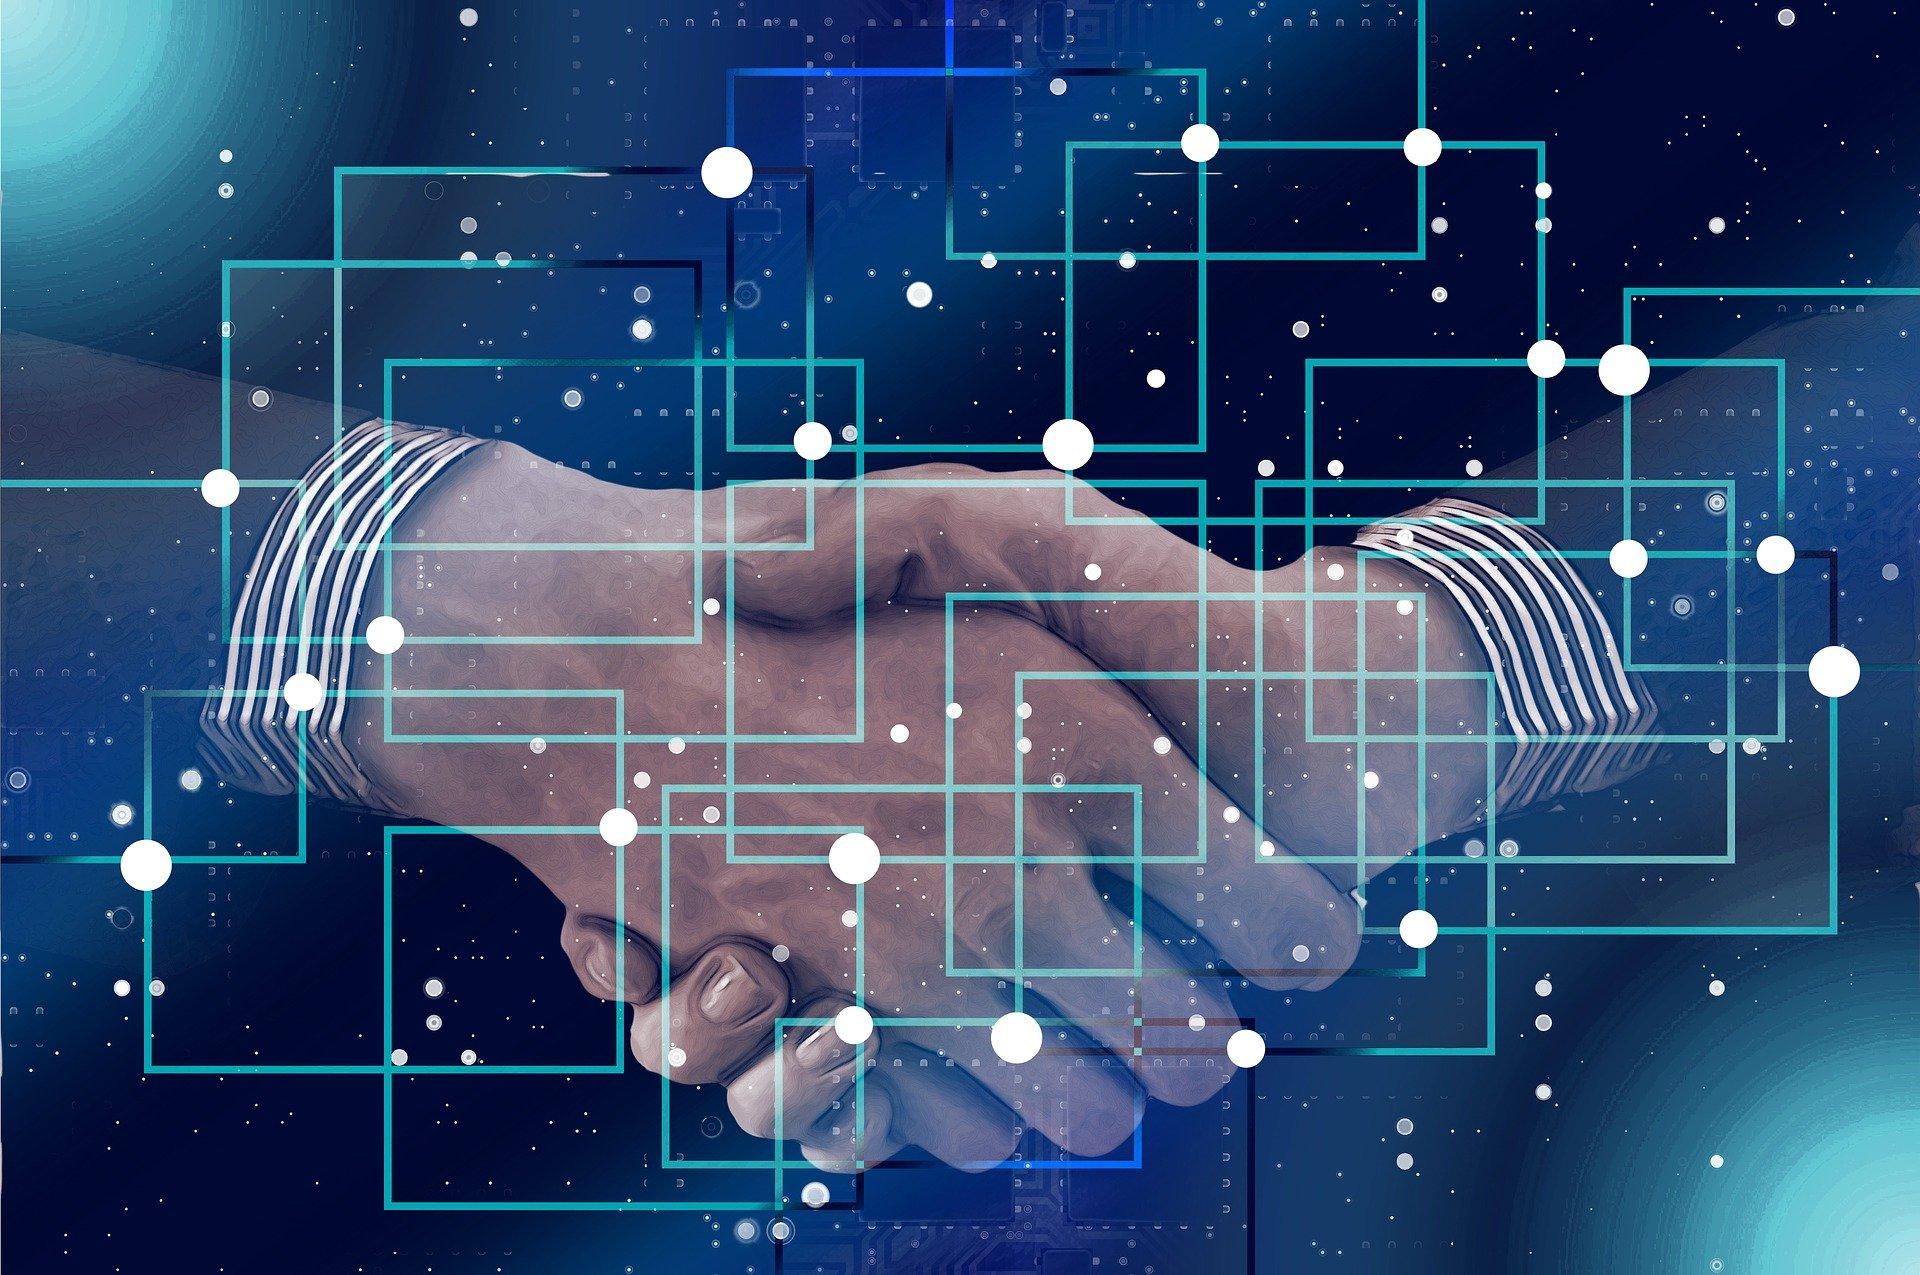 Gobierno de Corea del Sur invertirá cerca de 50 millones de dólares en el desarrollo de la tecnología blockchain en 2021